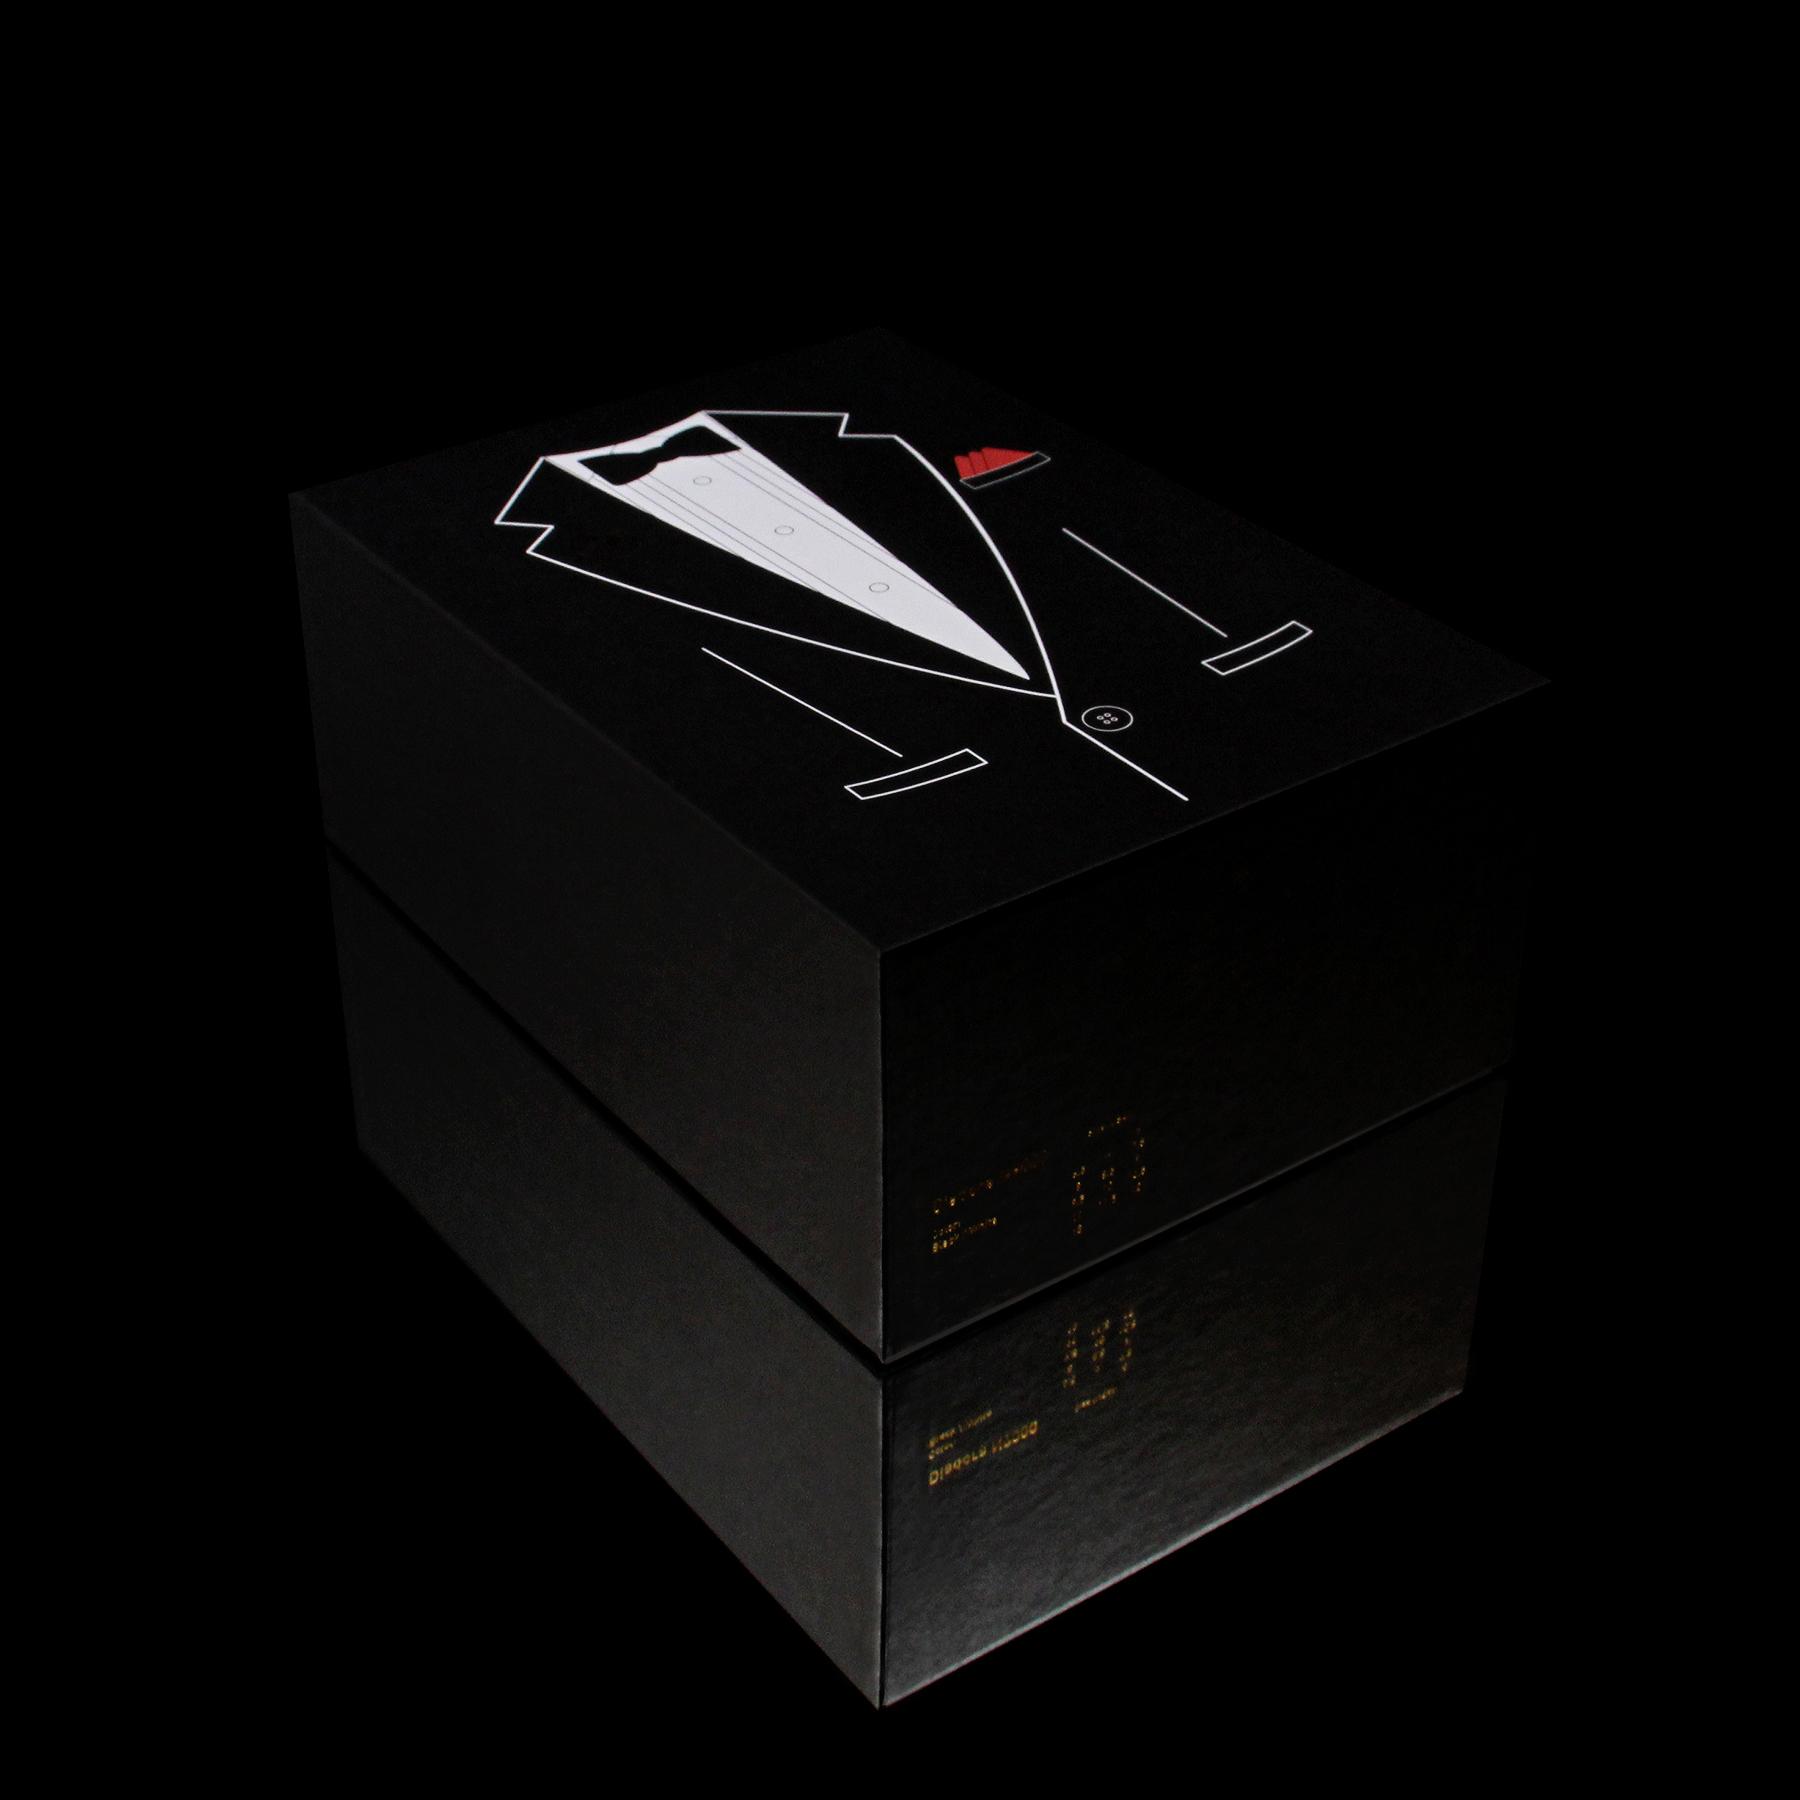 concepts-x-diadora-n9000-rat-pack-05